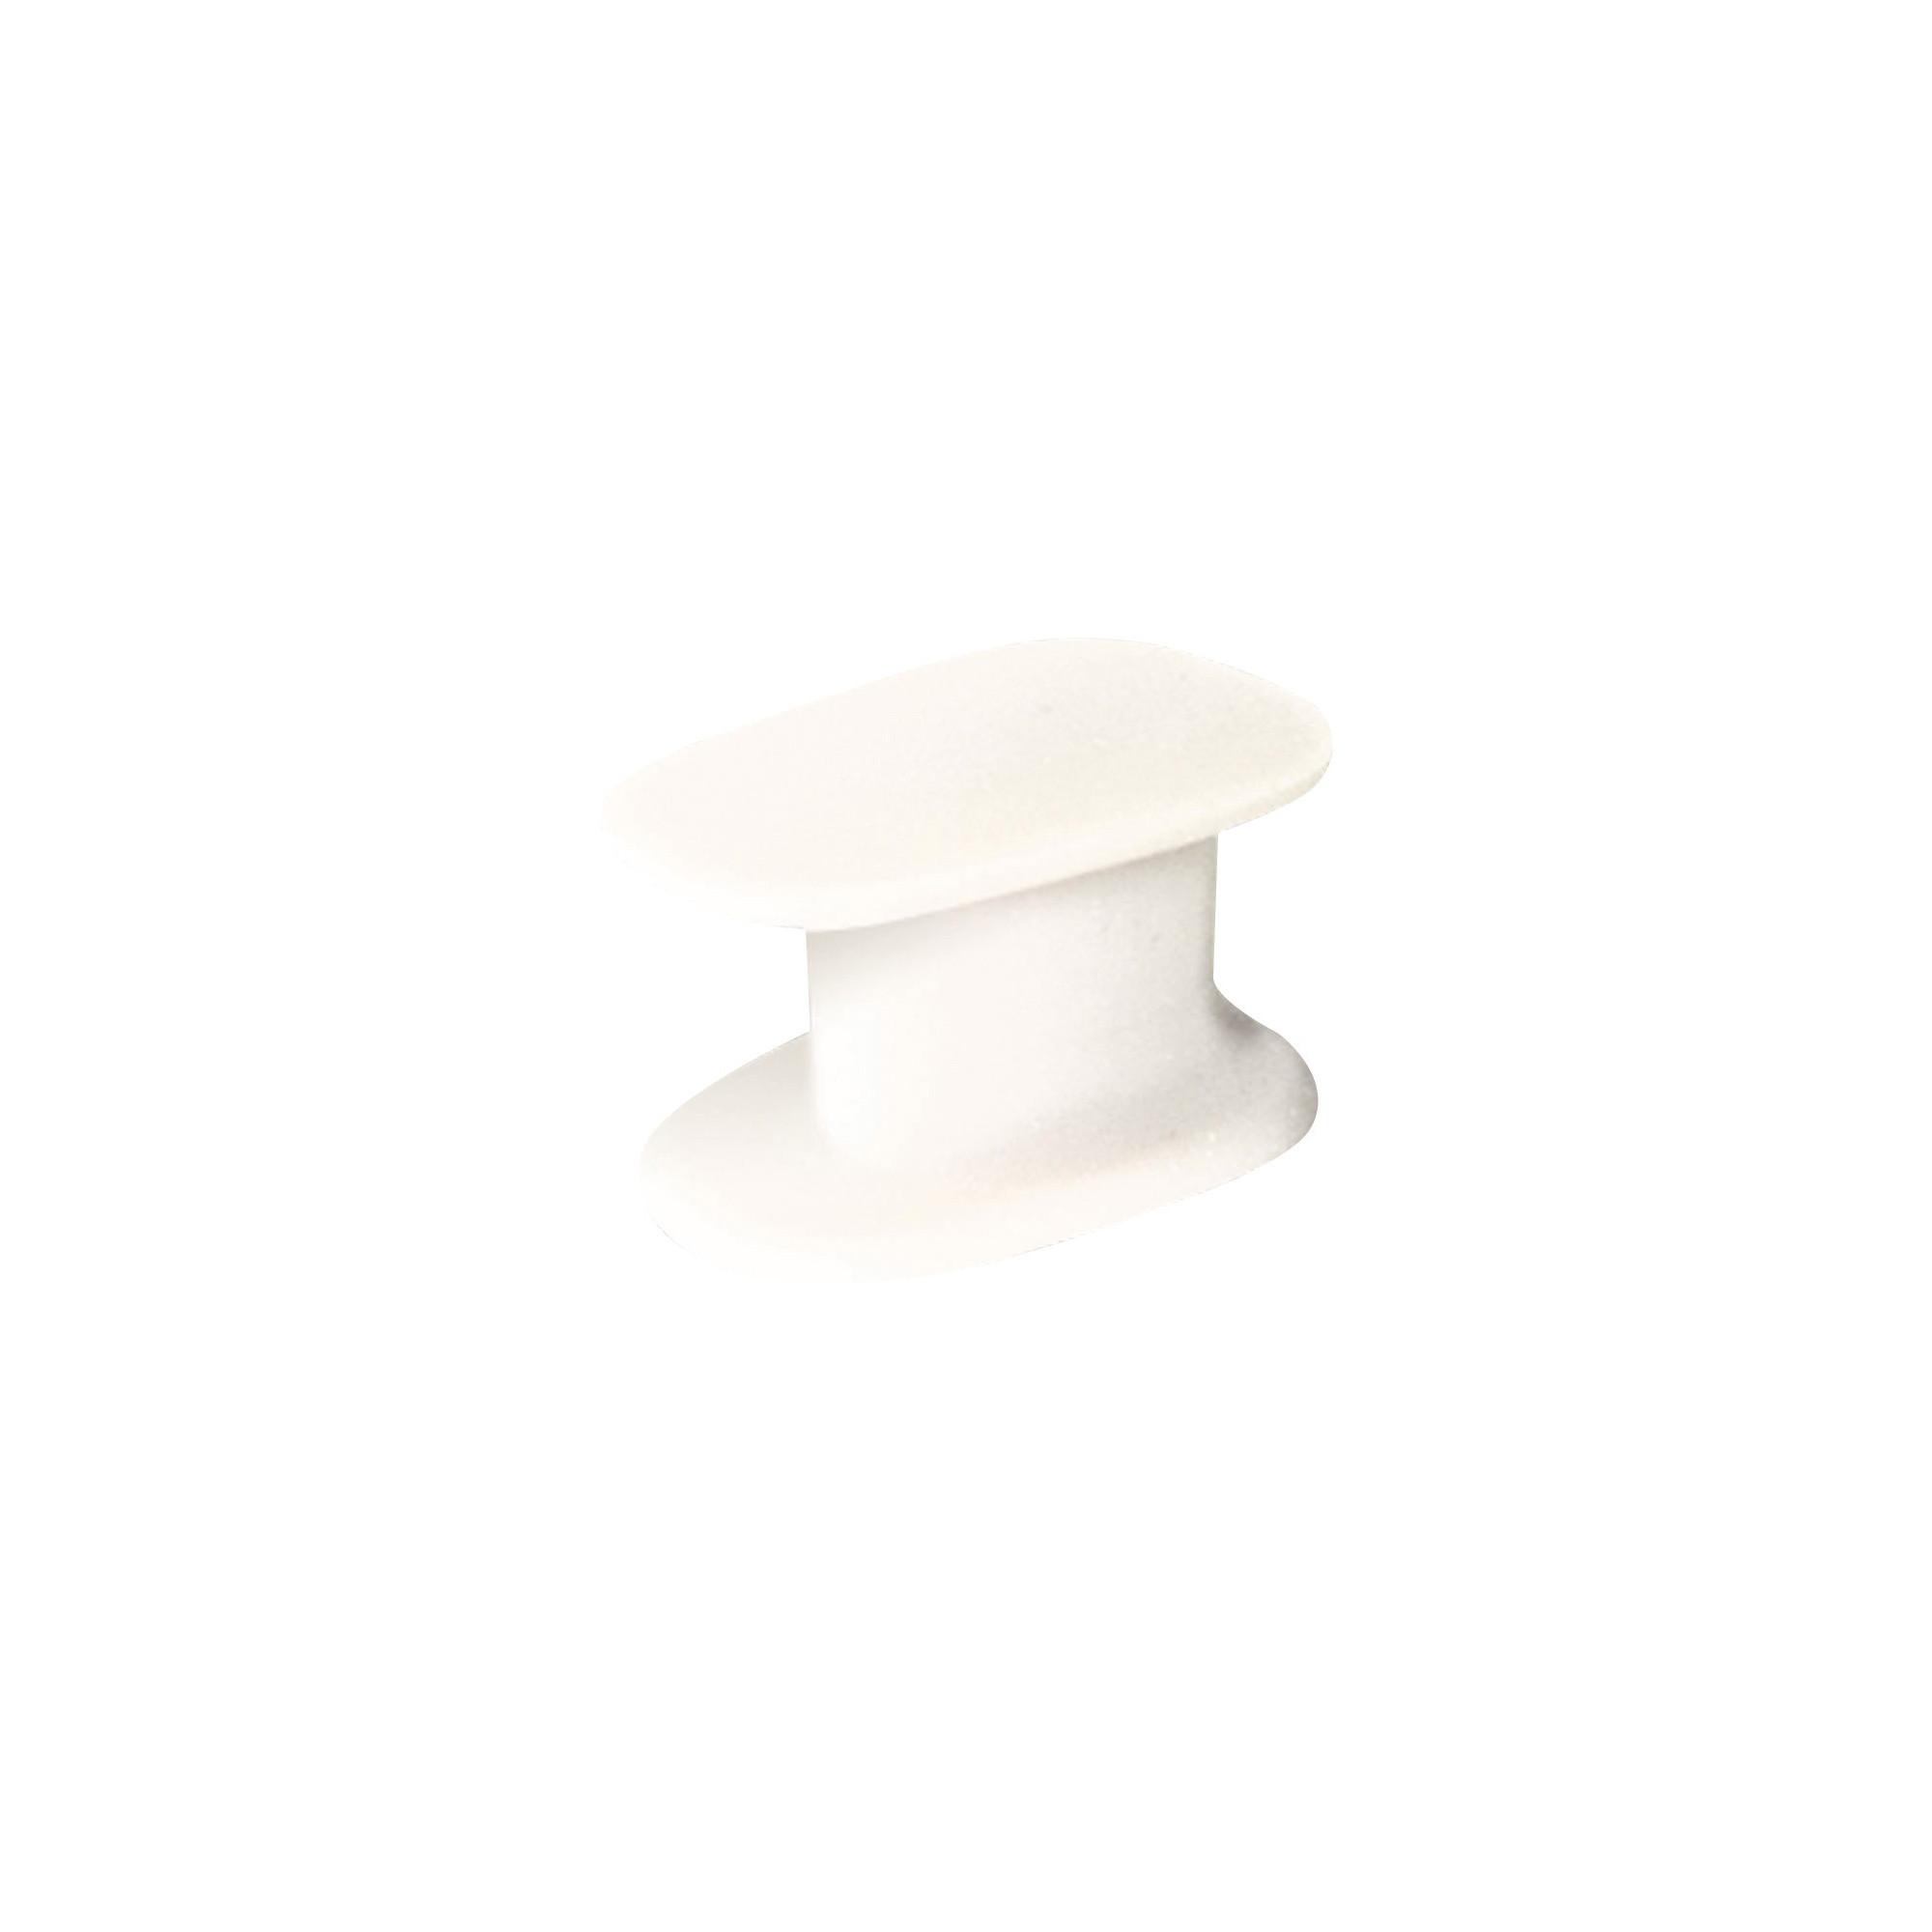 Ecarteur d'orteil plat pur gel - Paquet de 1 paire